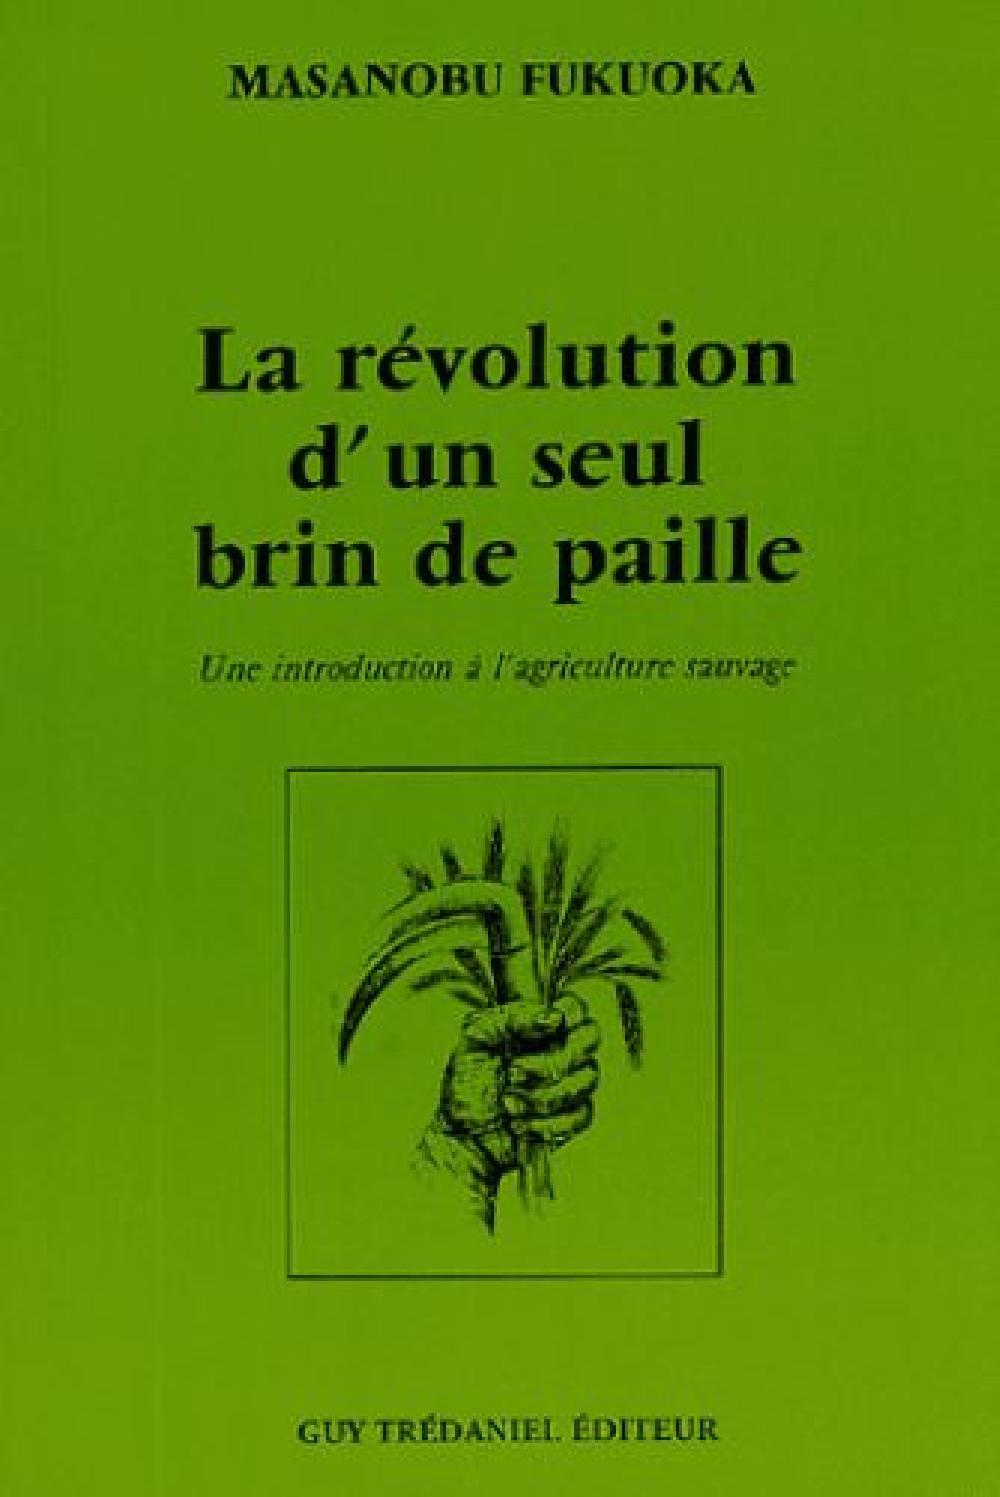 La révolution d'un seul brin de paille - Une introduction à l'agriculture sauvage